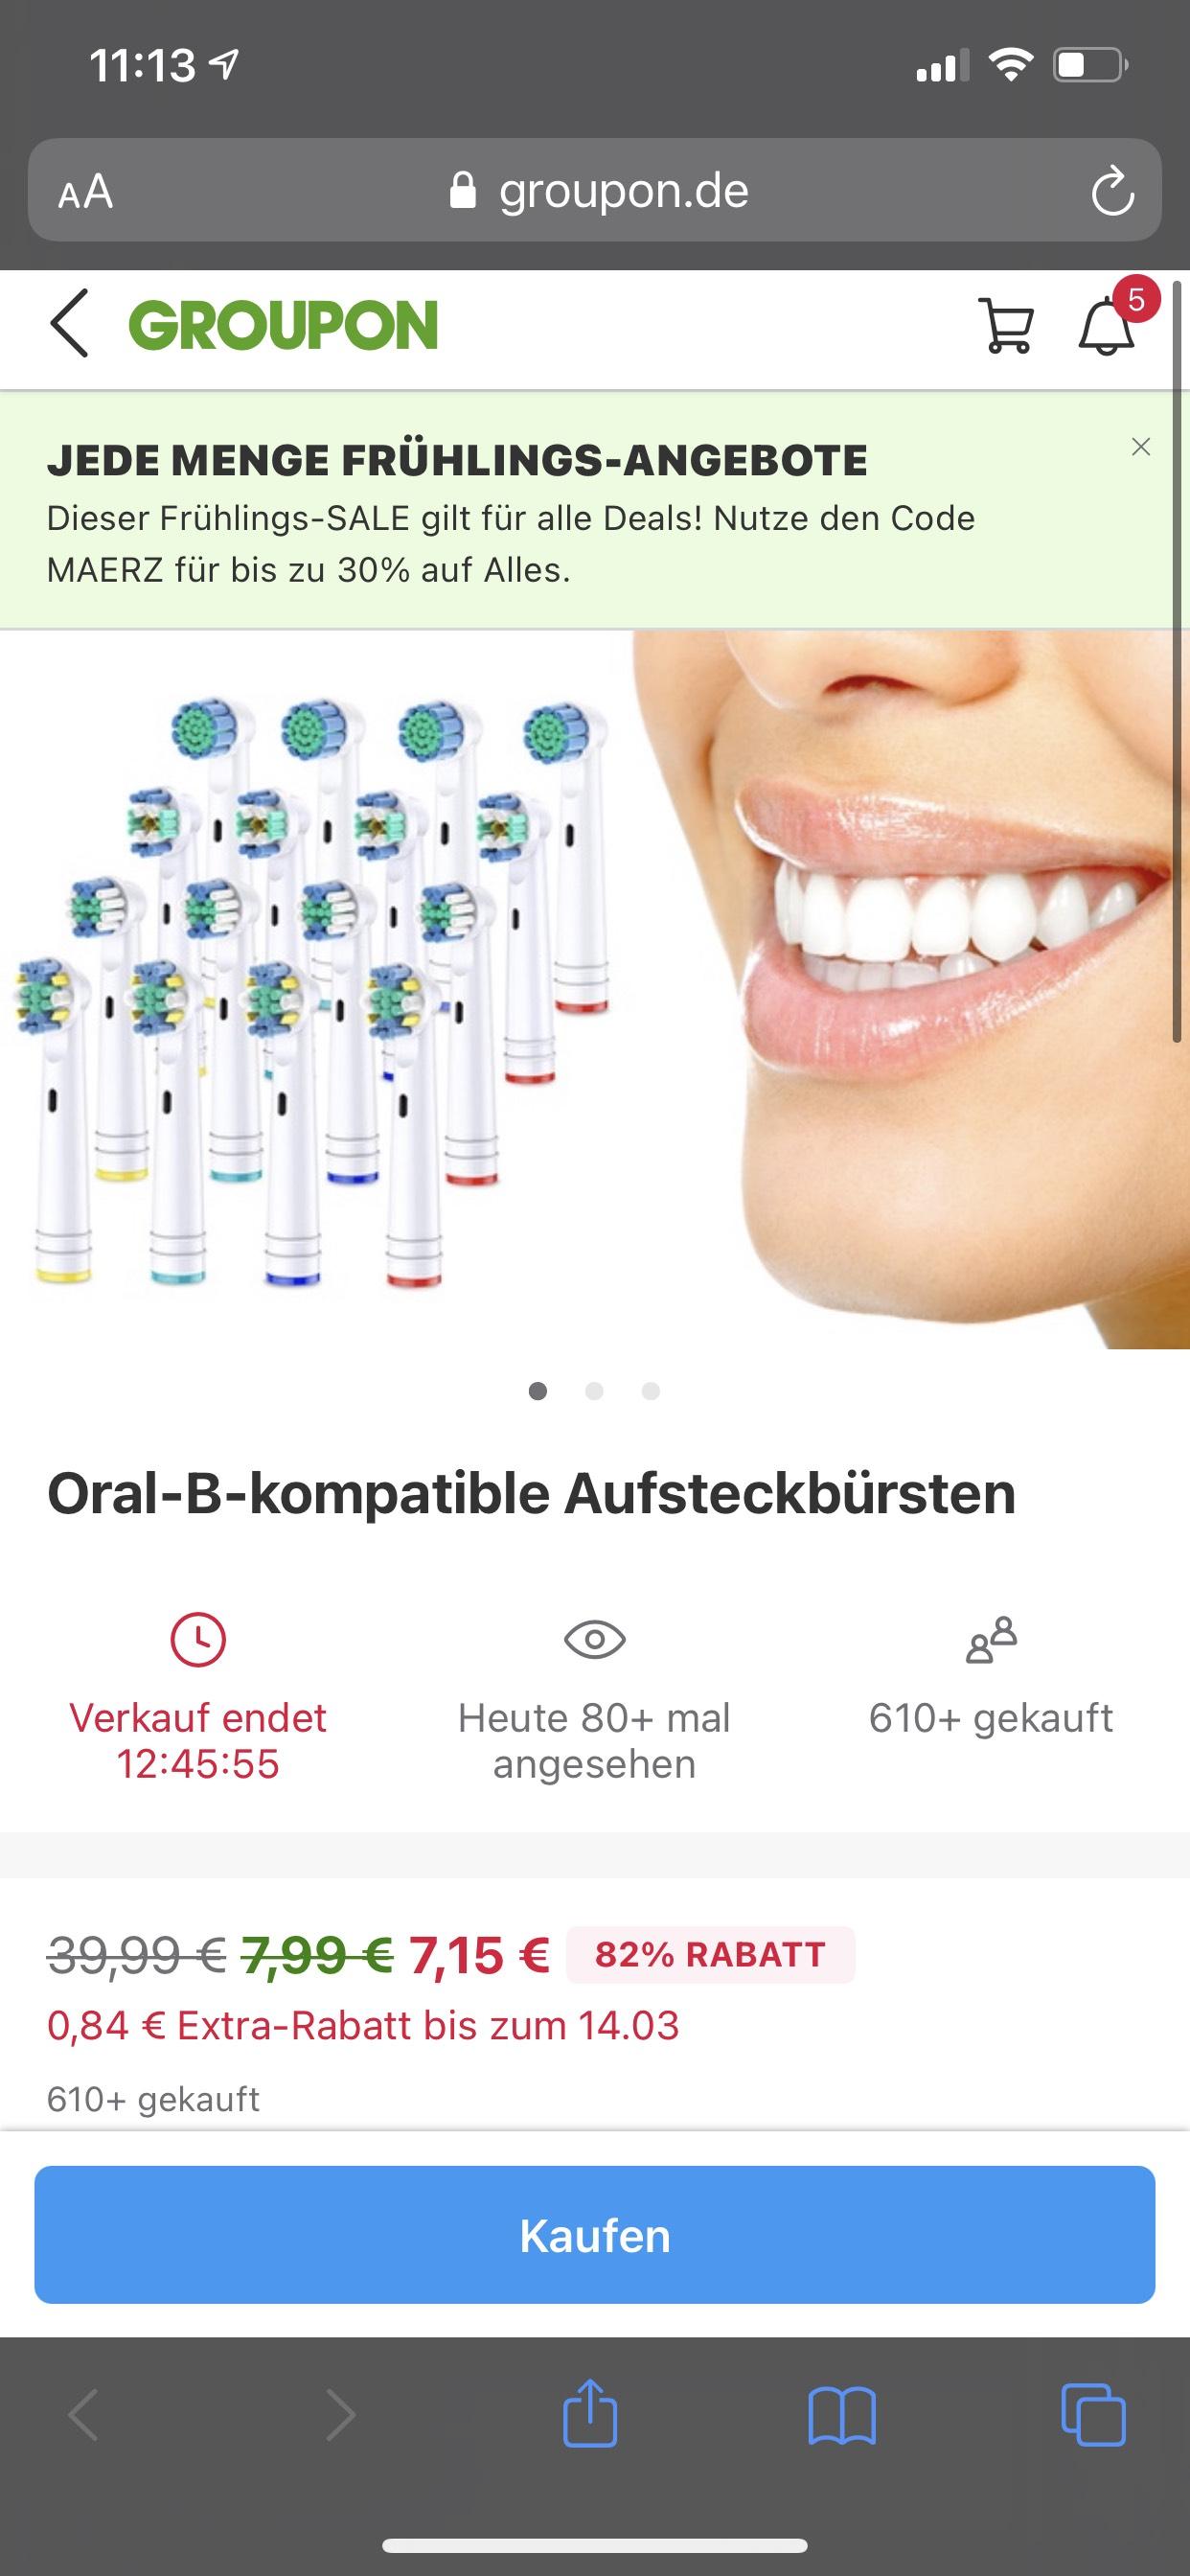 Oral-B kompatible Aufsteckbürsten